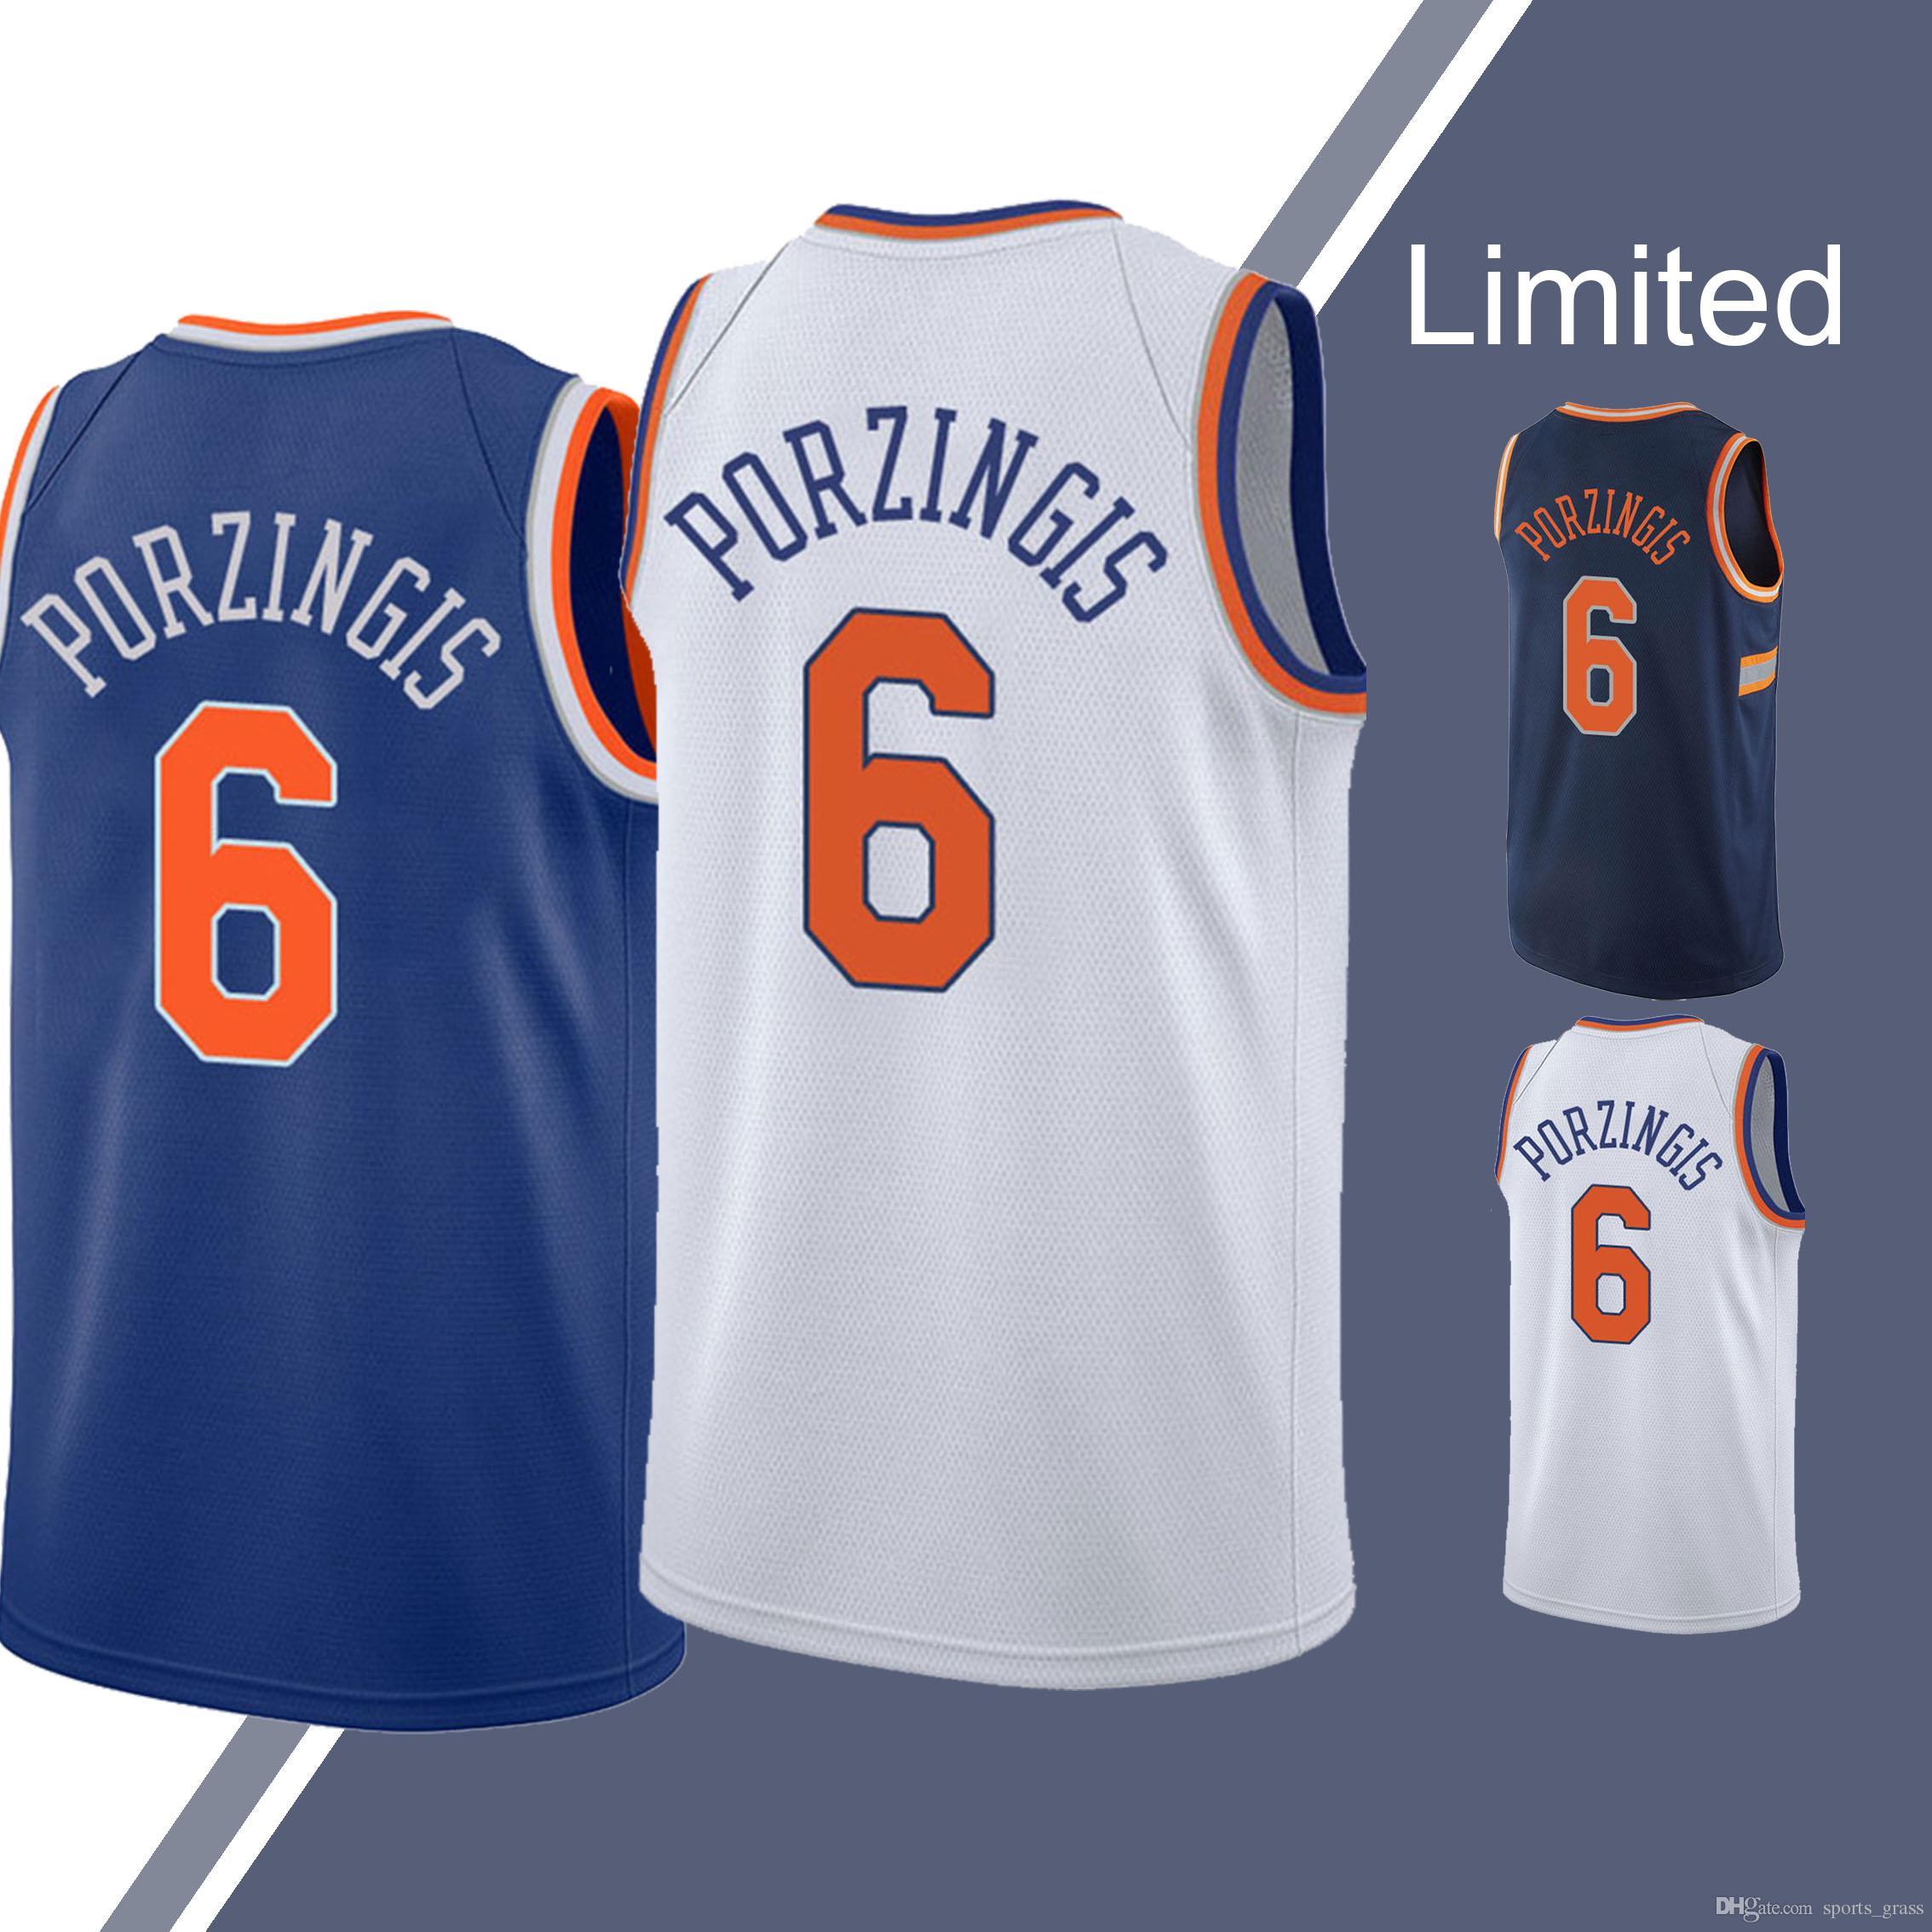 quality design 59661 b0e3f Kevin 20 Knox Jersey Knicks Kristaps 6 Porzingis Jerseys cheap hot sale men  top quality Basketball Jerseys